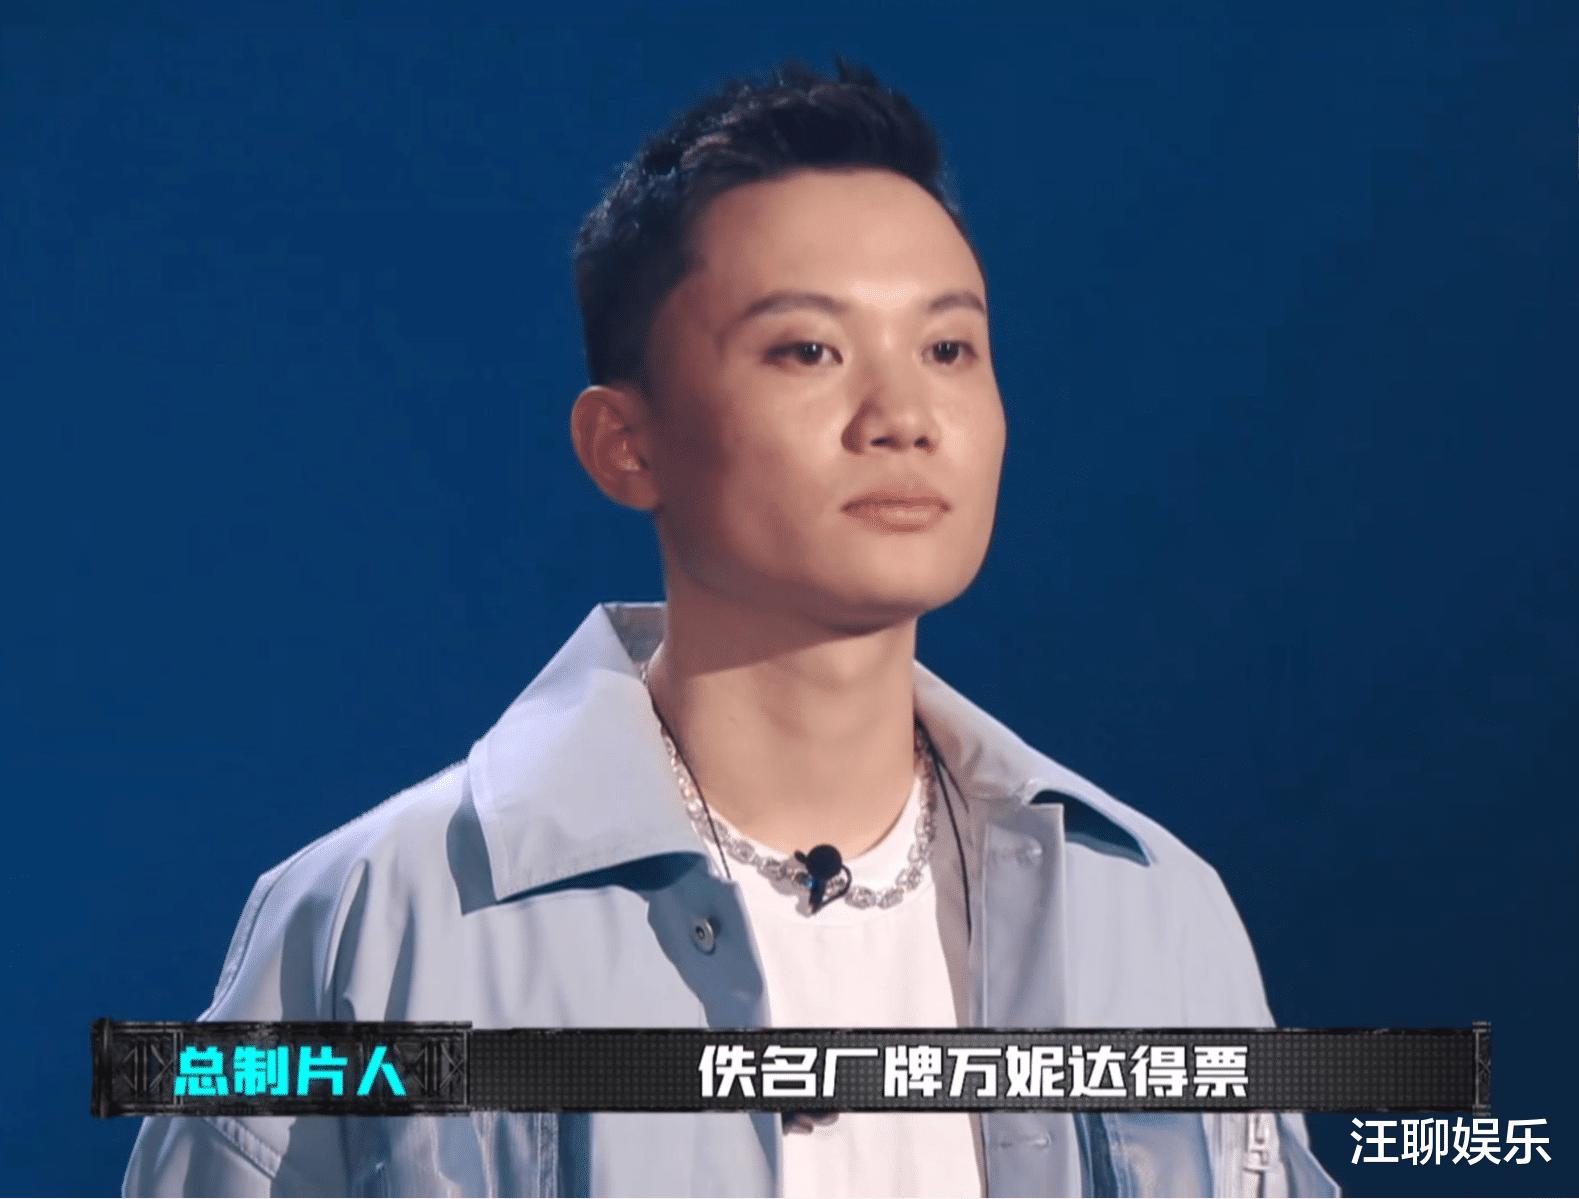 """中国新说唱:万妮达完胜AnsrJ,却被吐槽""""鬼叫""""都能赢"""